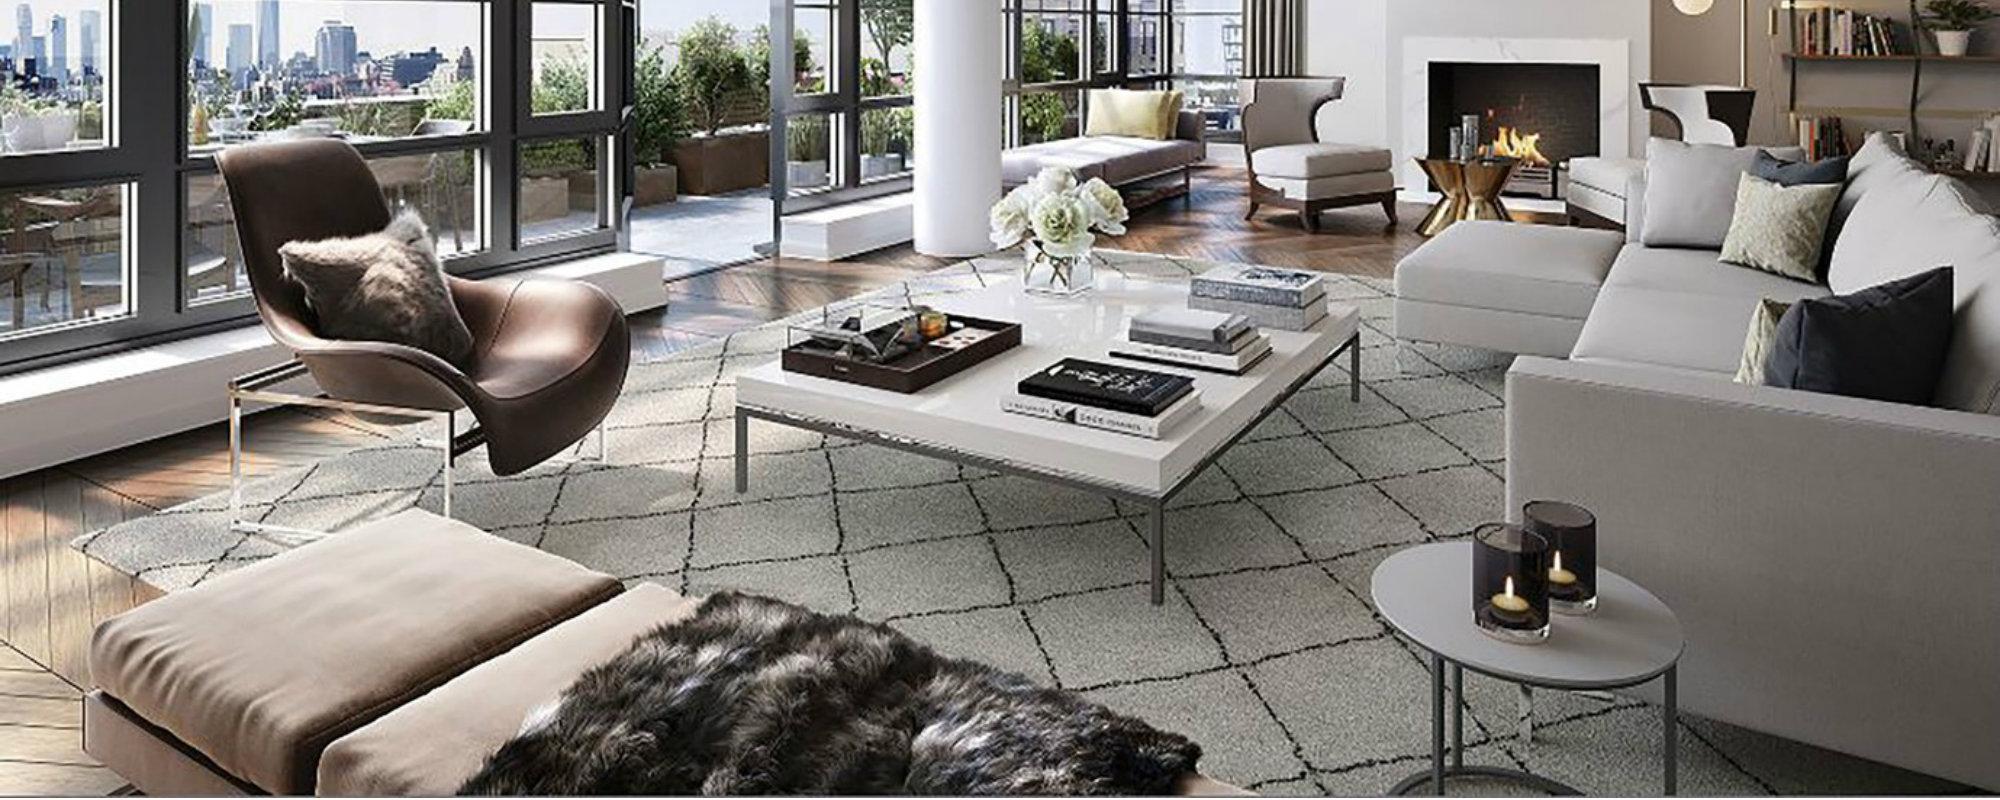 Diseño de interior: Jacques Garcia lo mejor interiorismo de lujo diseño de interior Diseño de interior: Jacques Garcia lo mejor interiorismo de lujo Featured 17